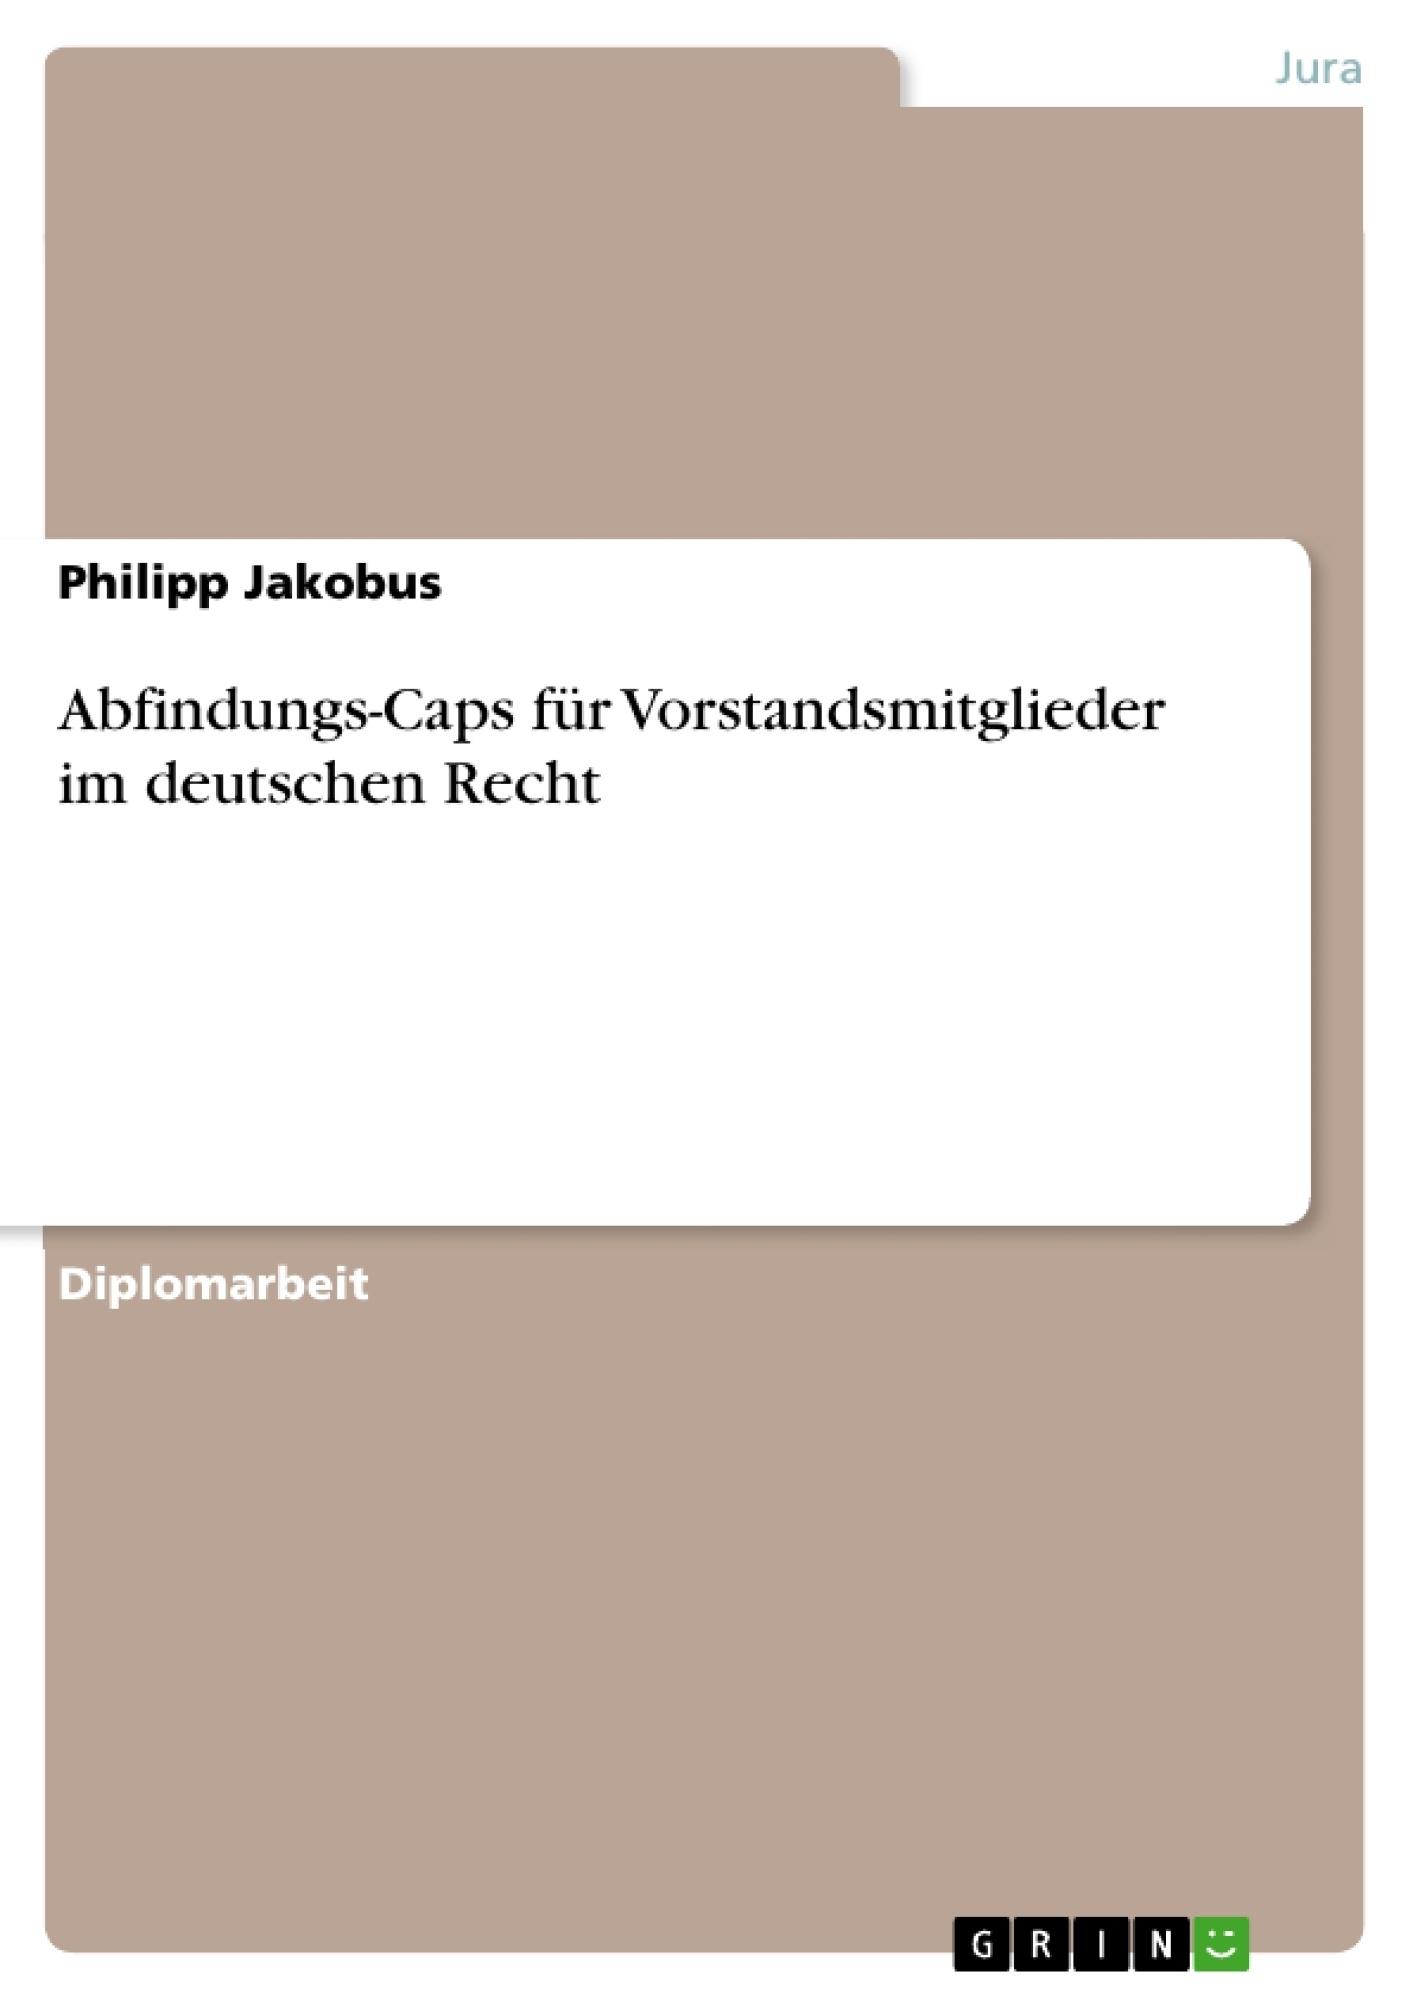 Abfindungs-Caps für Vorstandsmitglieder im deutschen Recht ...